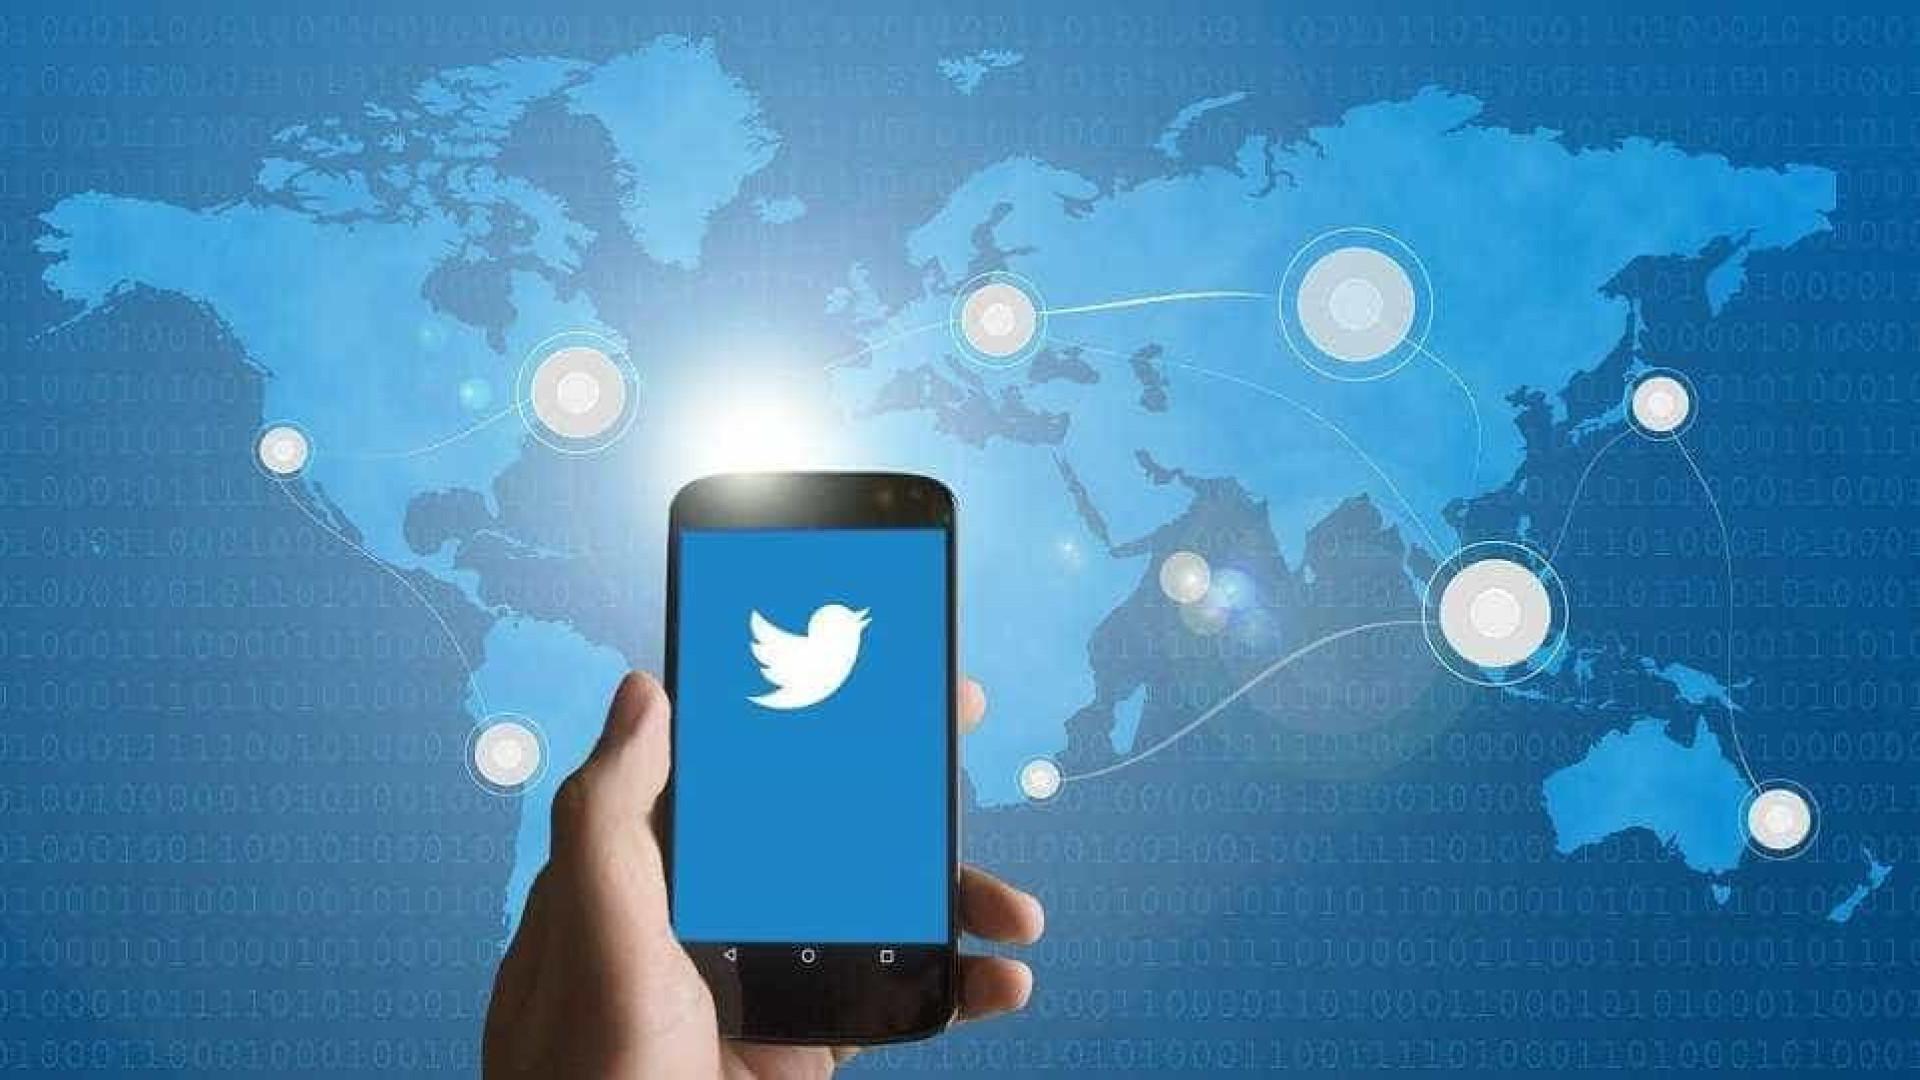 'Limpa' do Twitter faz famosos perderem milhões de seguidores